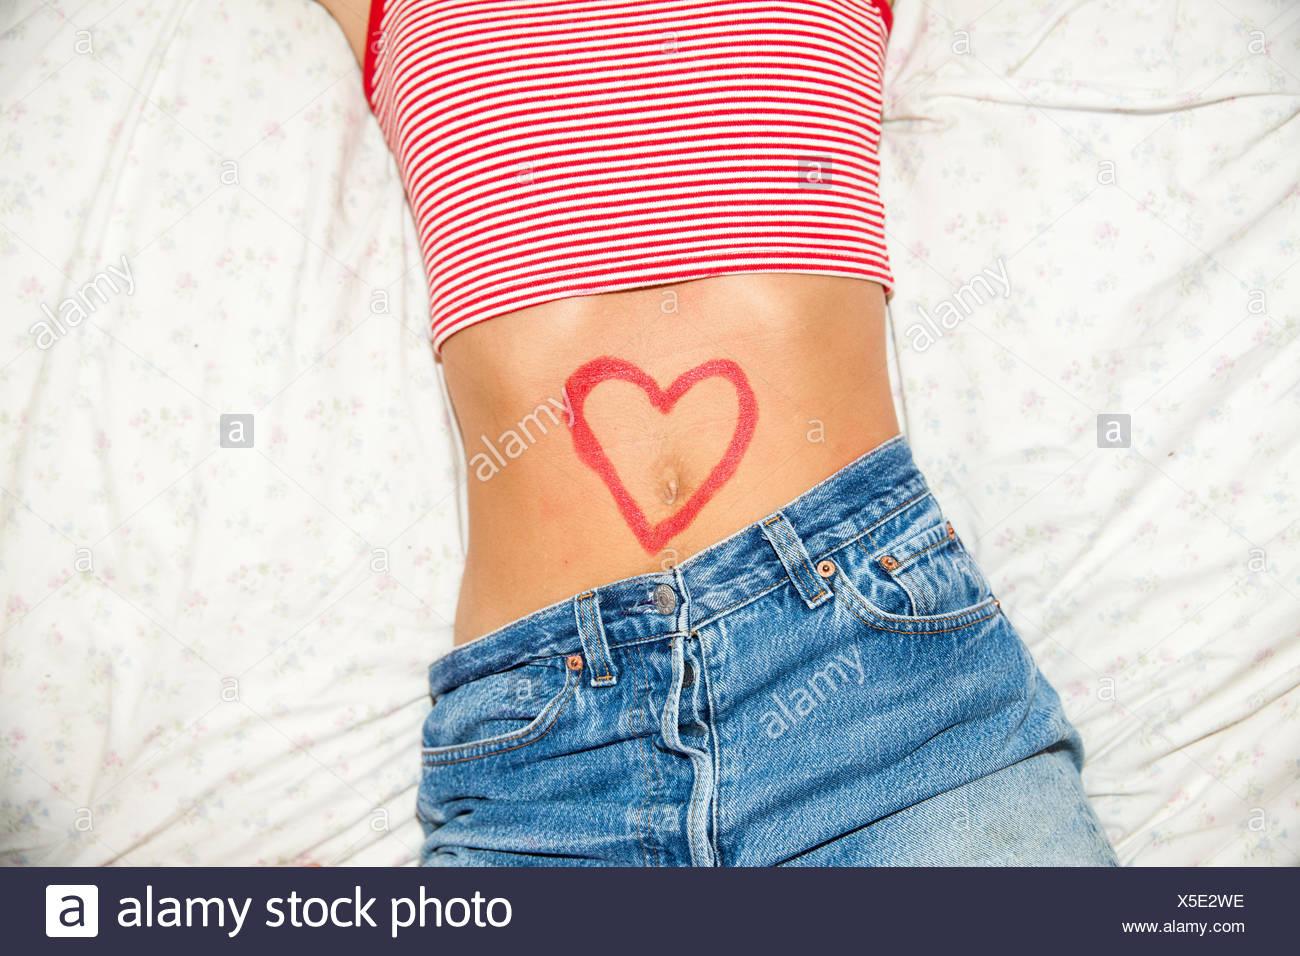 Mittelteil, Frau mit Herz zeichnen auf Magen Stockbild